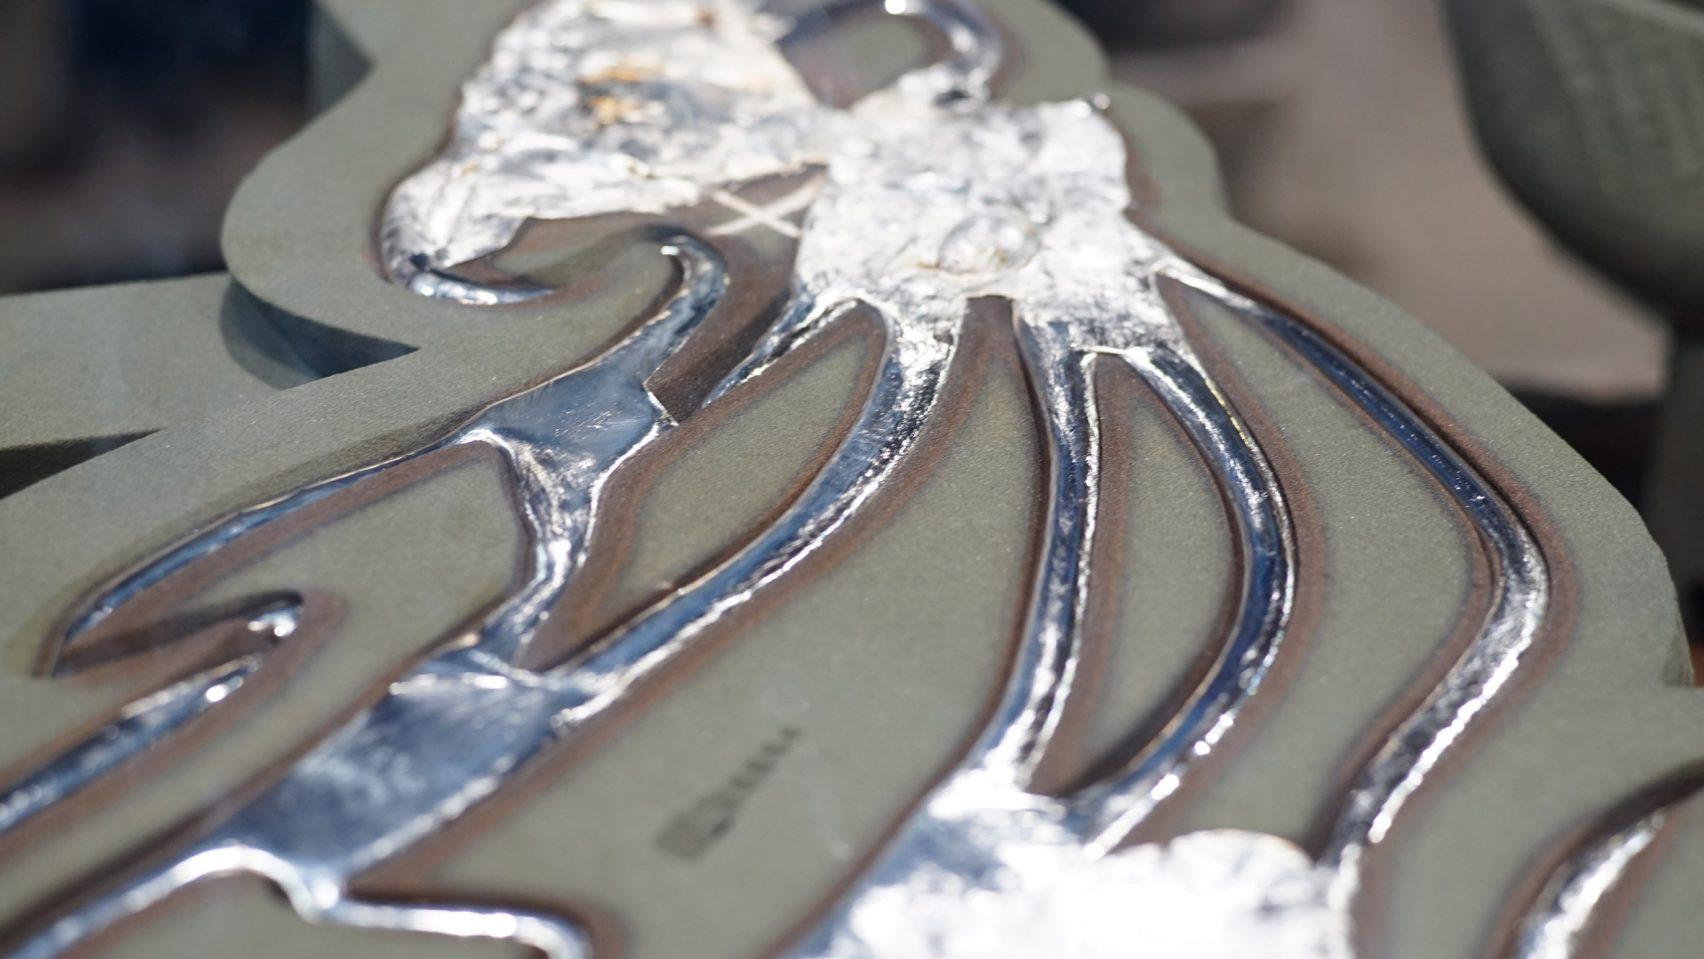 Deep Facade experimentelle Metallfassade aus 3D gedruckten Sandformen2 - Deep Facade: experimentelle Metallfassade aus 3D-gedruckten Sandformen